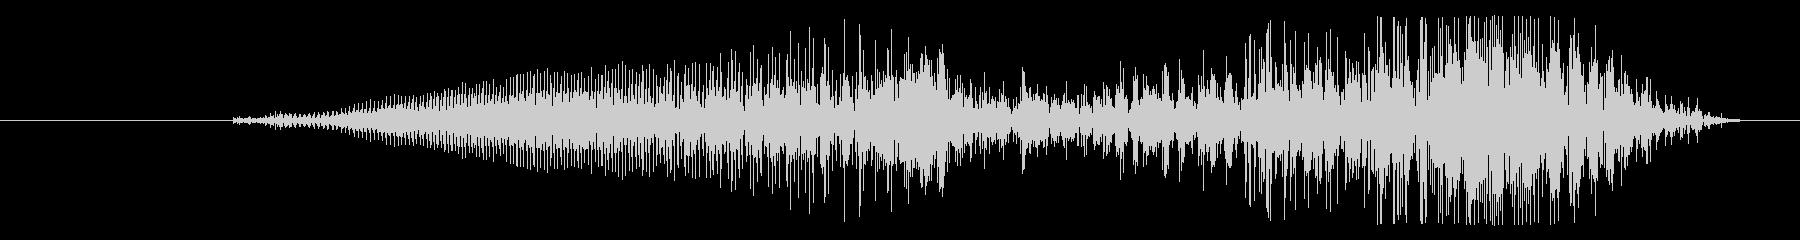 モンスター ペインフルクライハイ17の未再生の波形